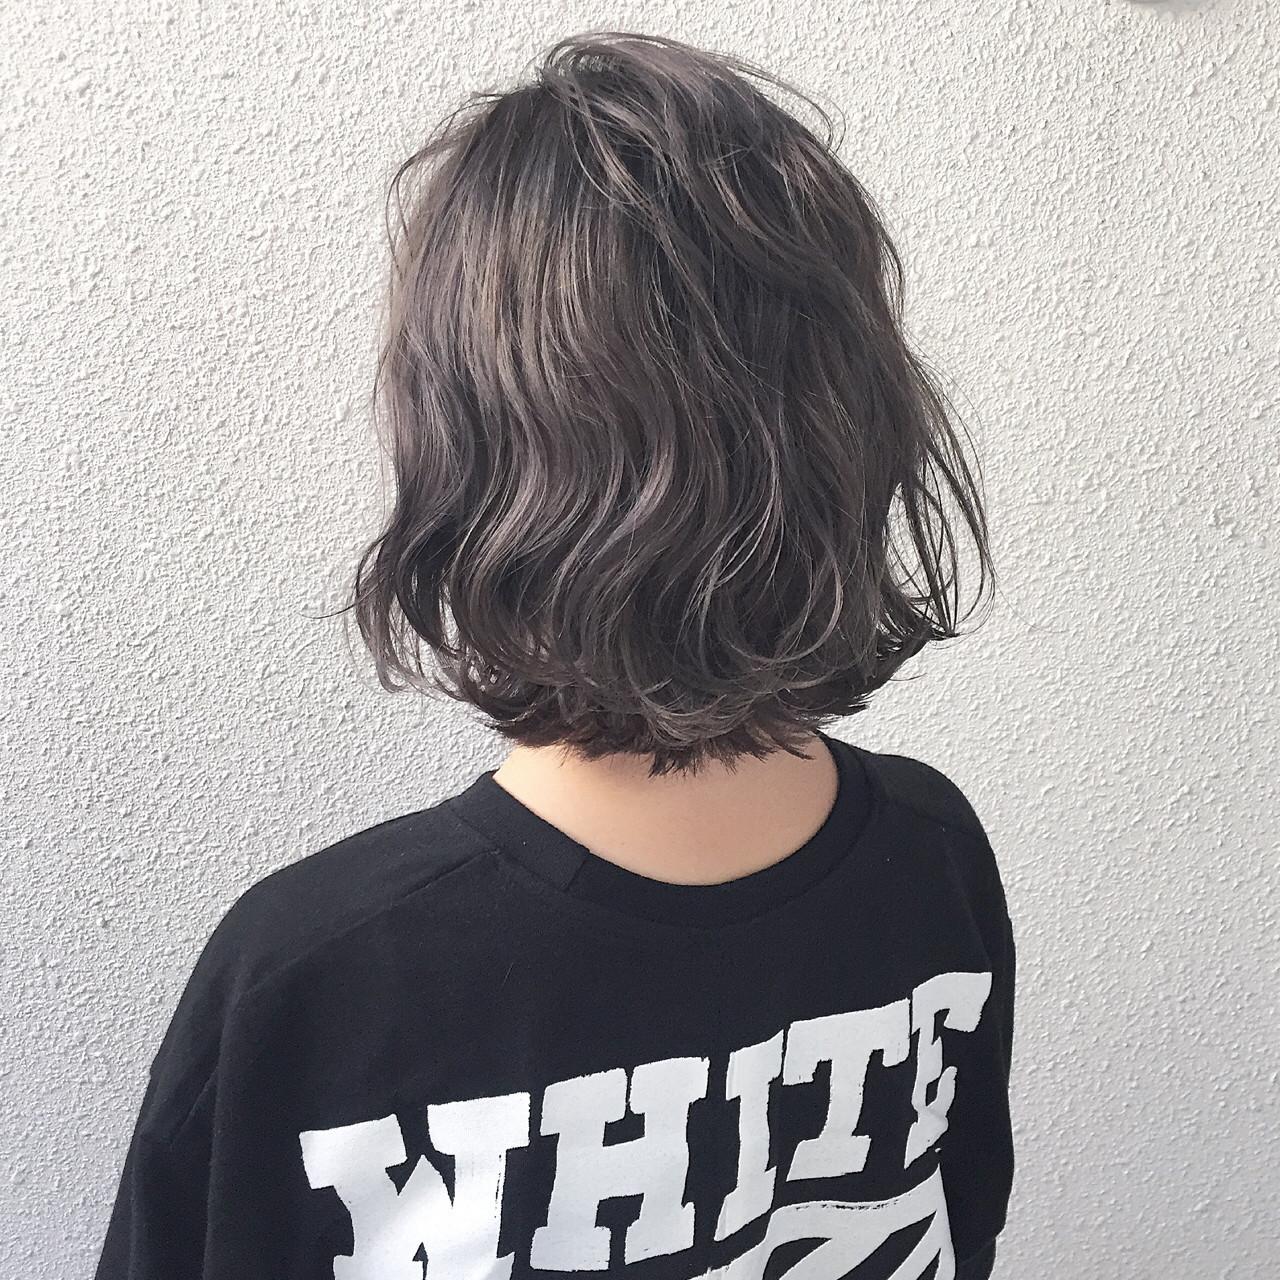 グレー系ヘアカラーが大人気!入りにくい髪色を上手く出すコツは? キムラユウタ